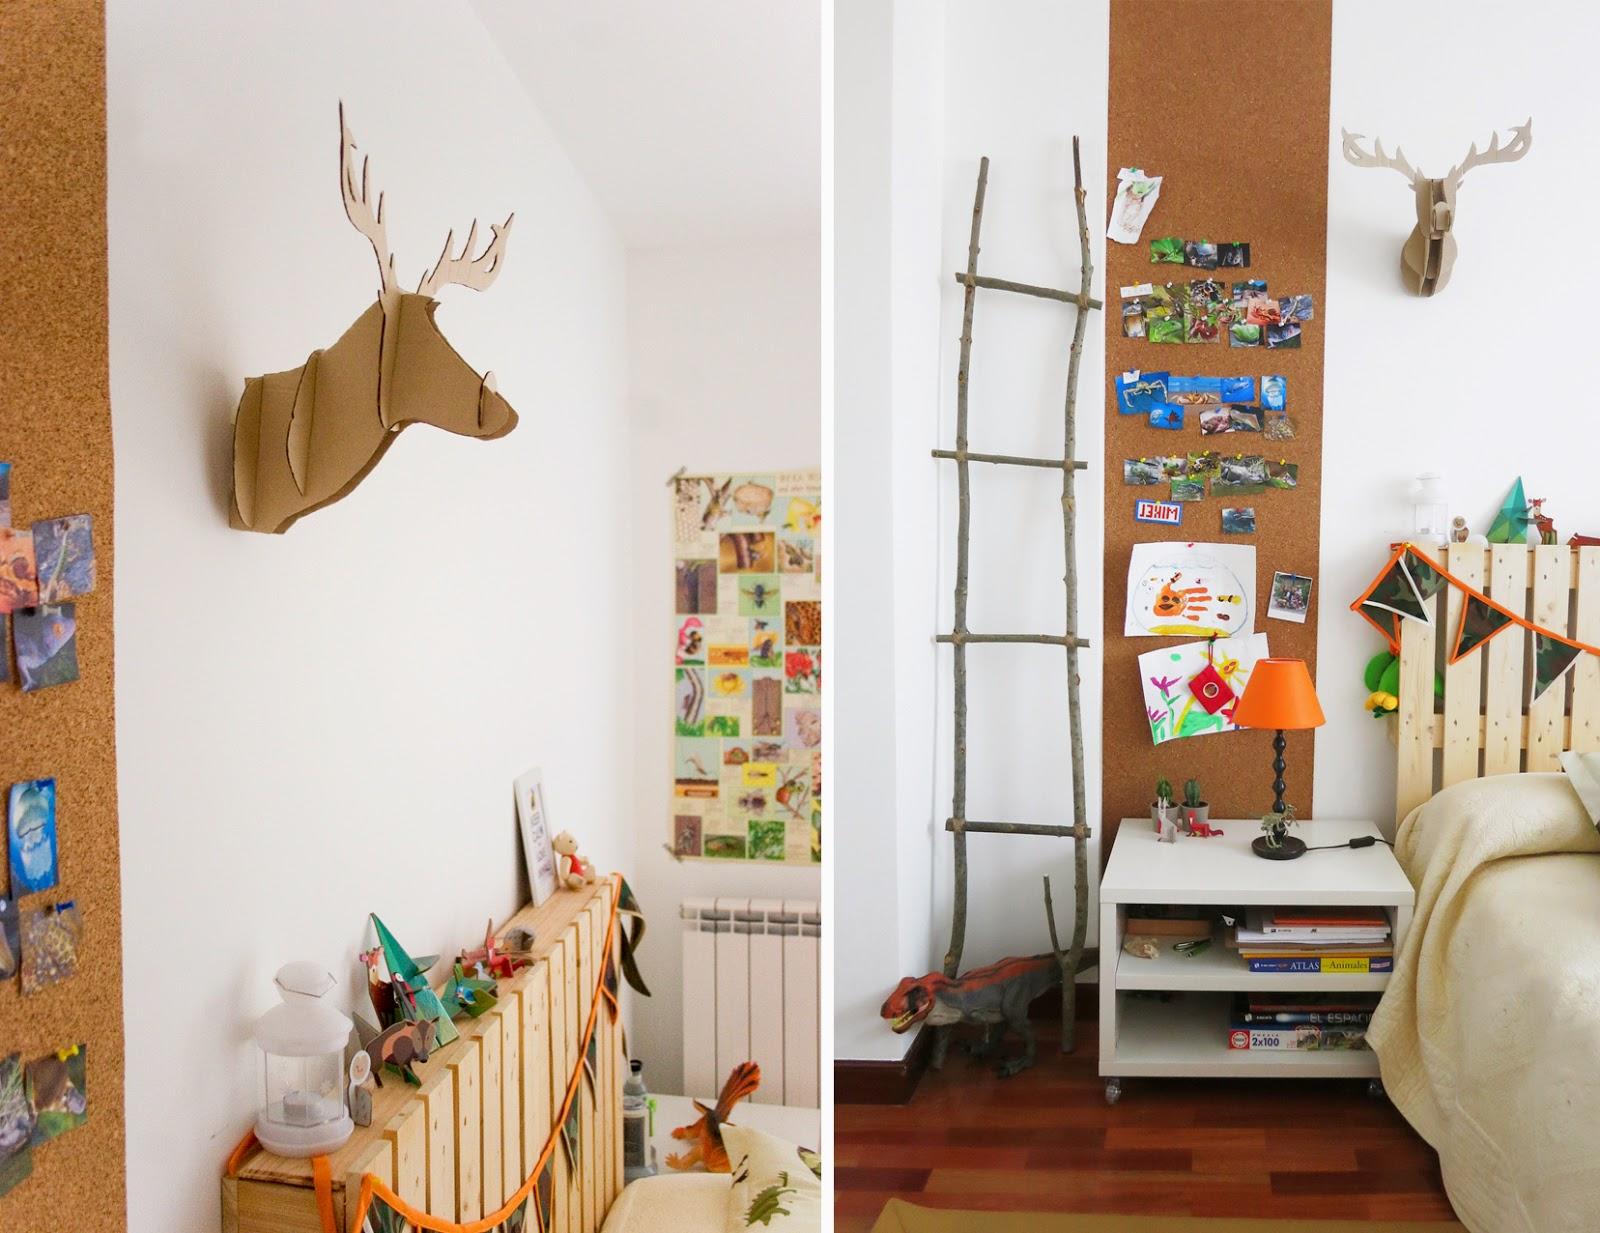 Decoramos una habitación infantil con Deco&Kids + Sorteo7